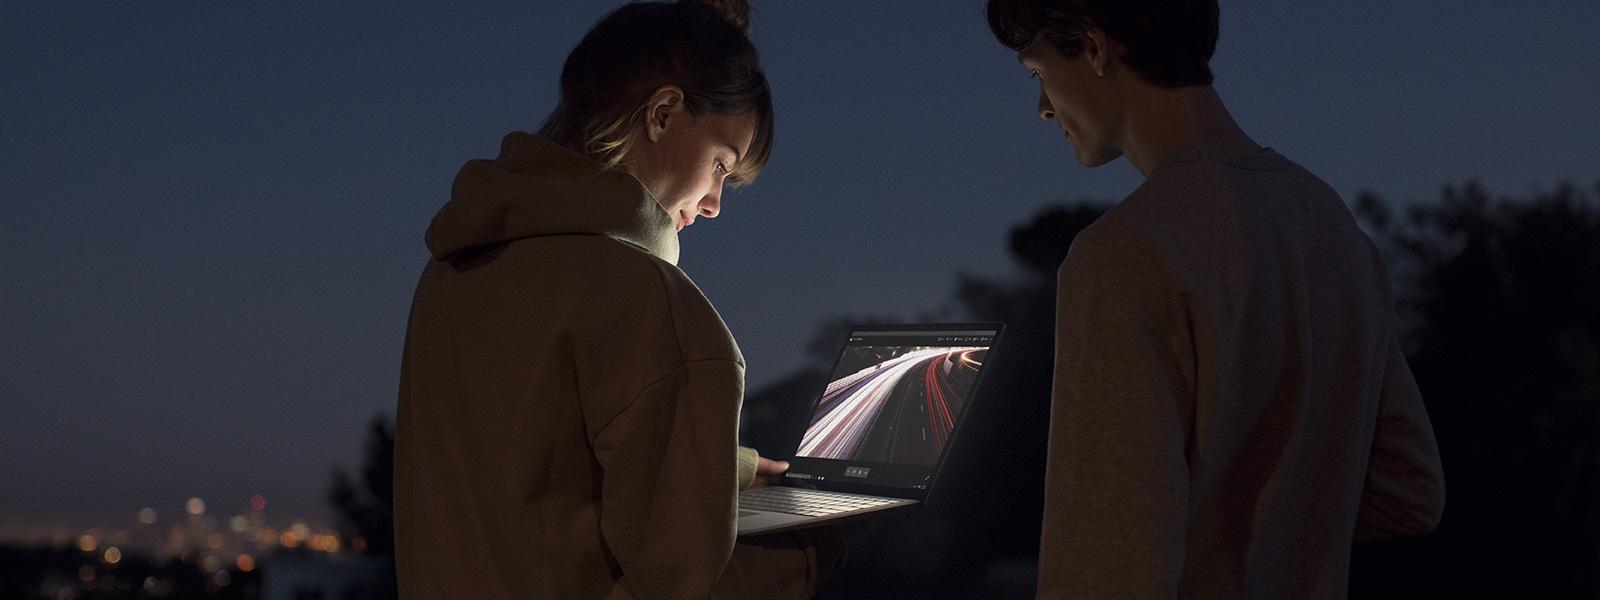 暗闇で Surface を使用する 2人の人物。